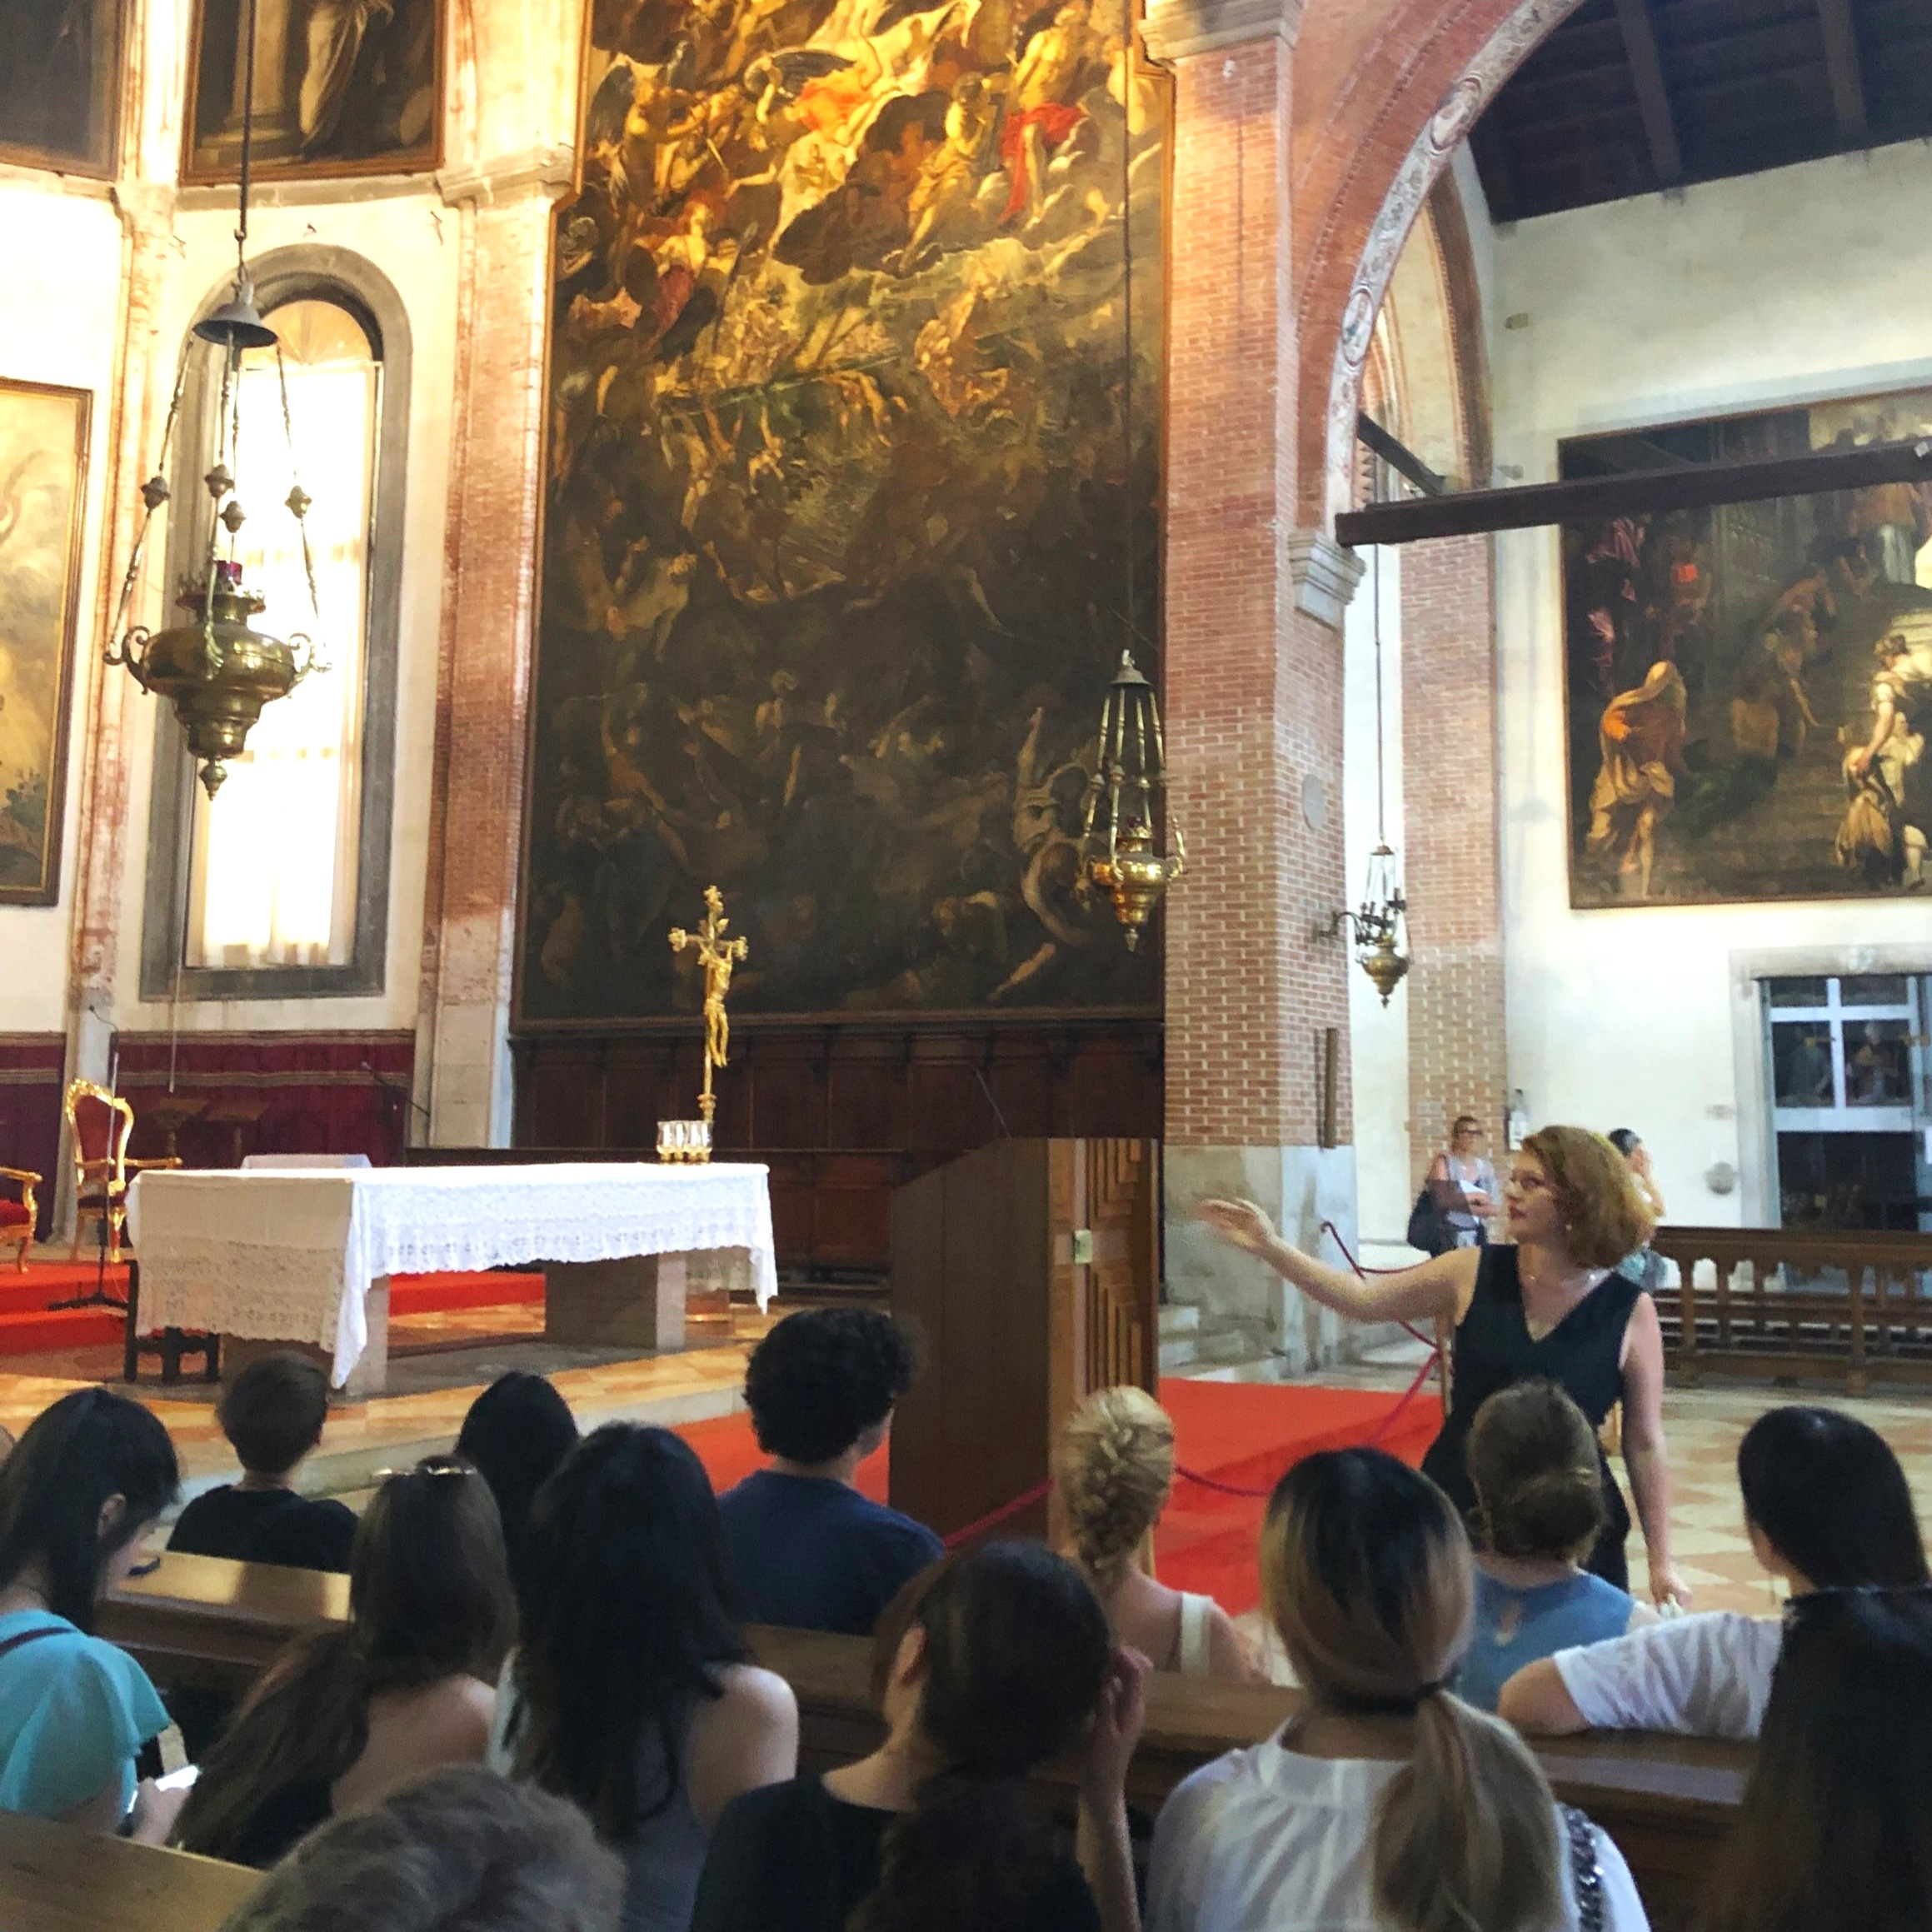 Marietta Burdick lecturing in front of Jacopo Tintoretto's  Last Judgment  (1560-62) at Madonna dell'Orto.